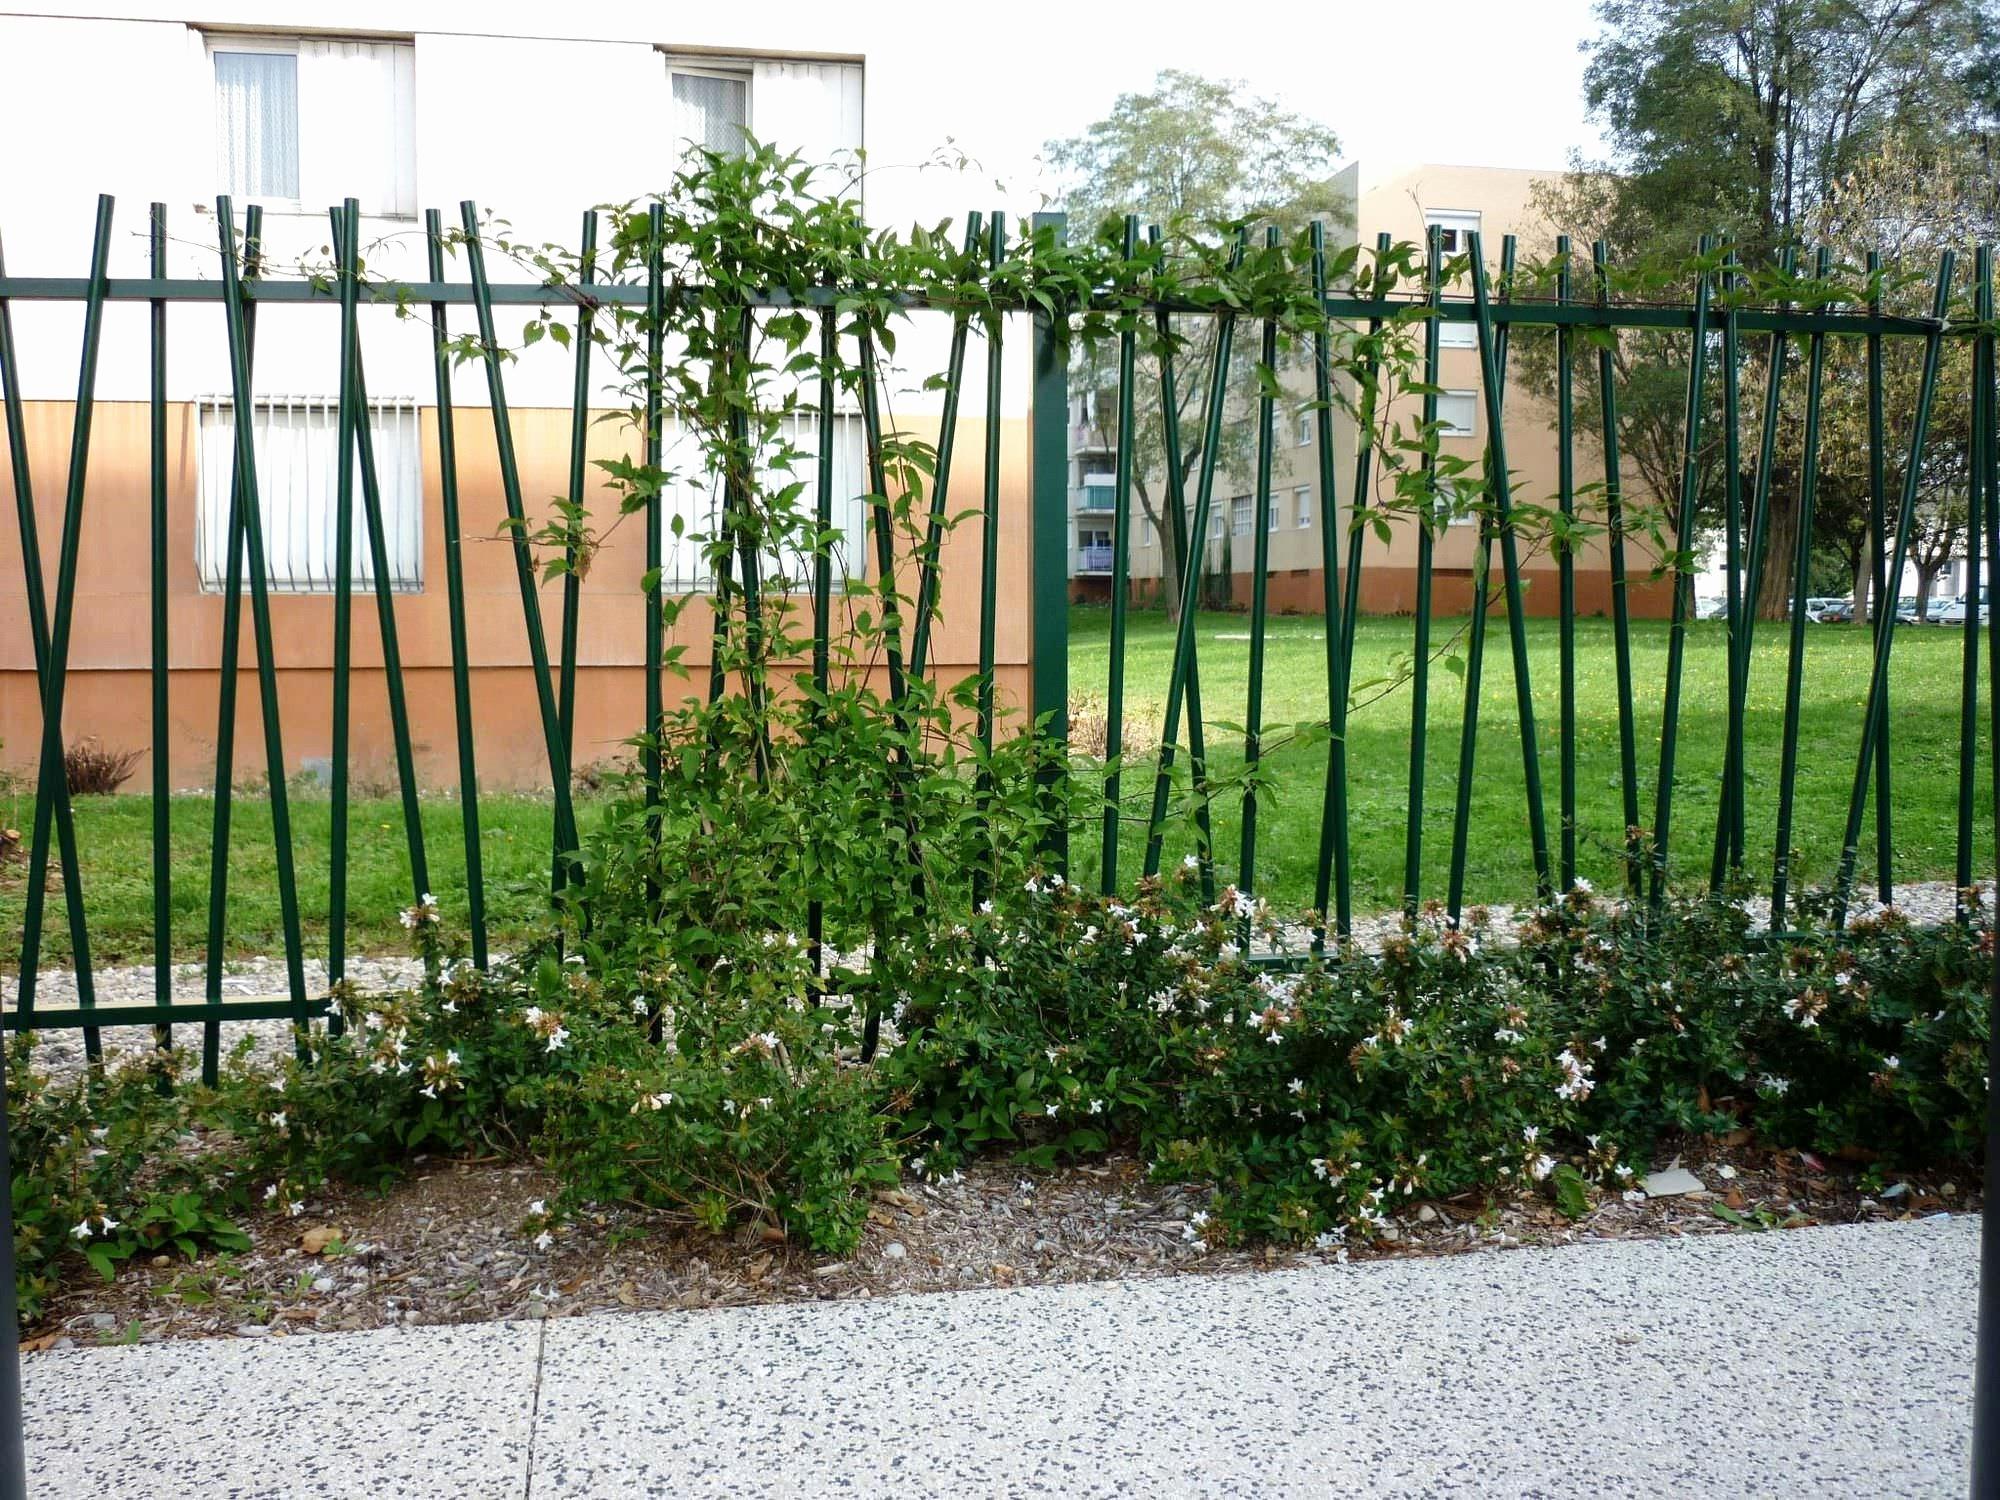 Dalles De Jardin Castorama Inspirant Photos Abris De Jardin Castorama Aussi Sans Défaut Cabane De Jardin